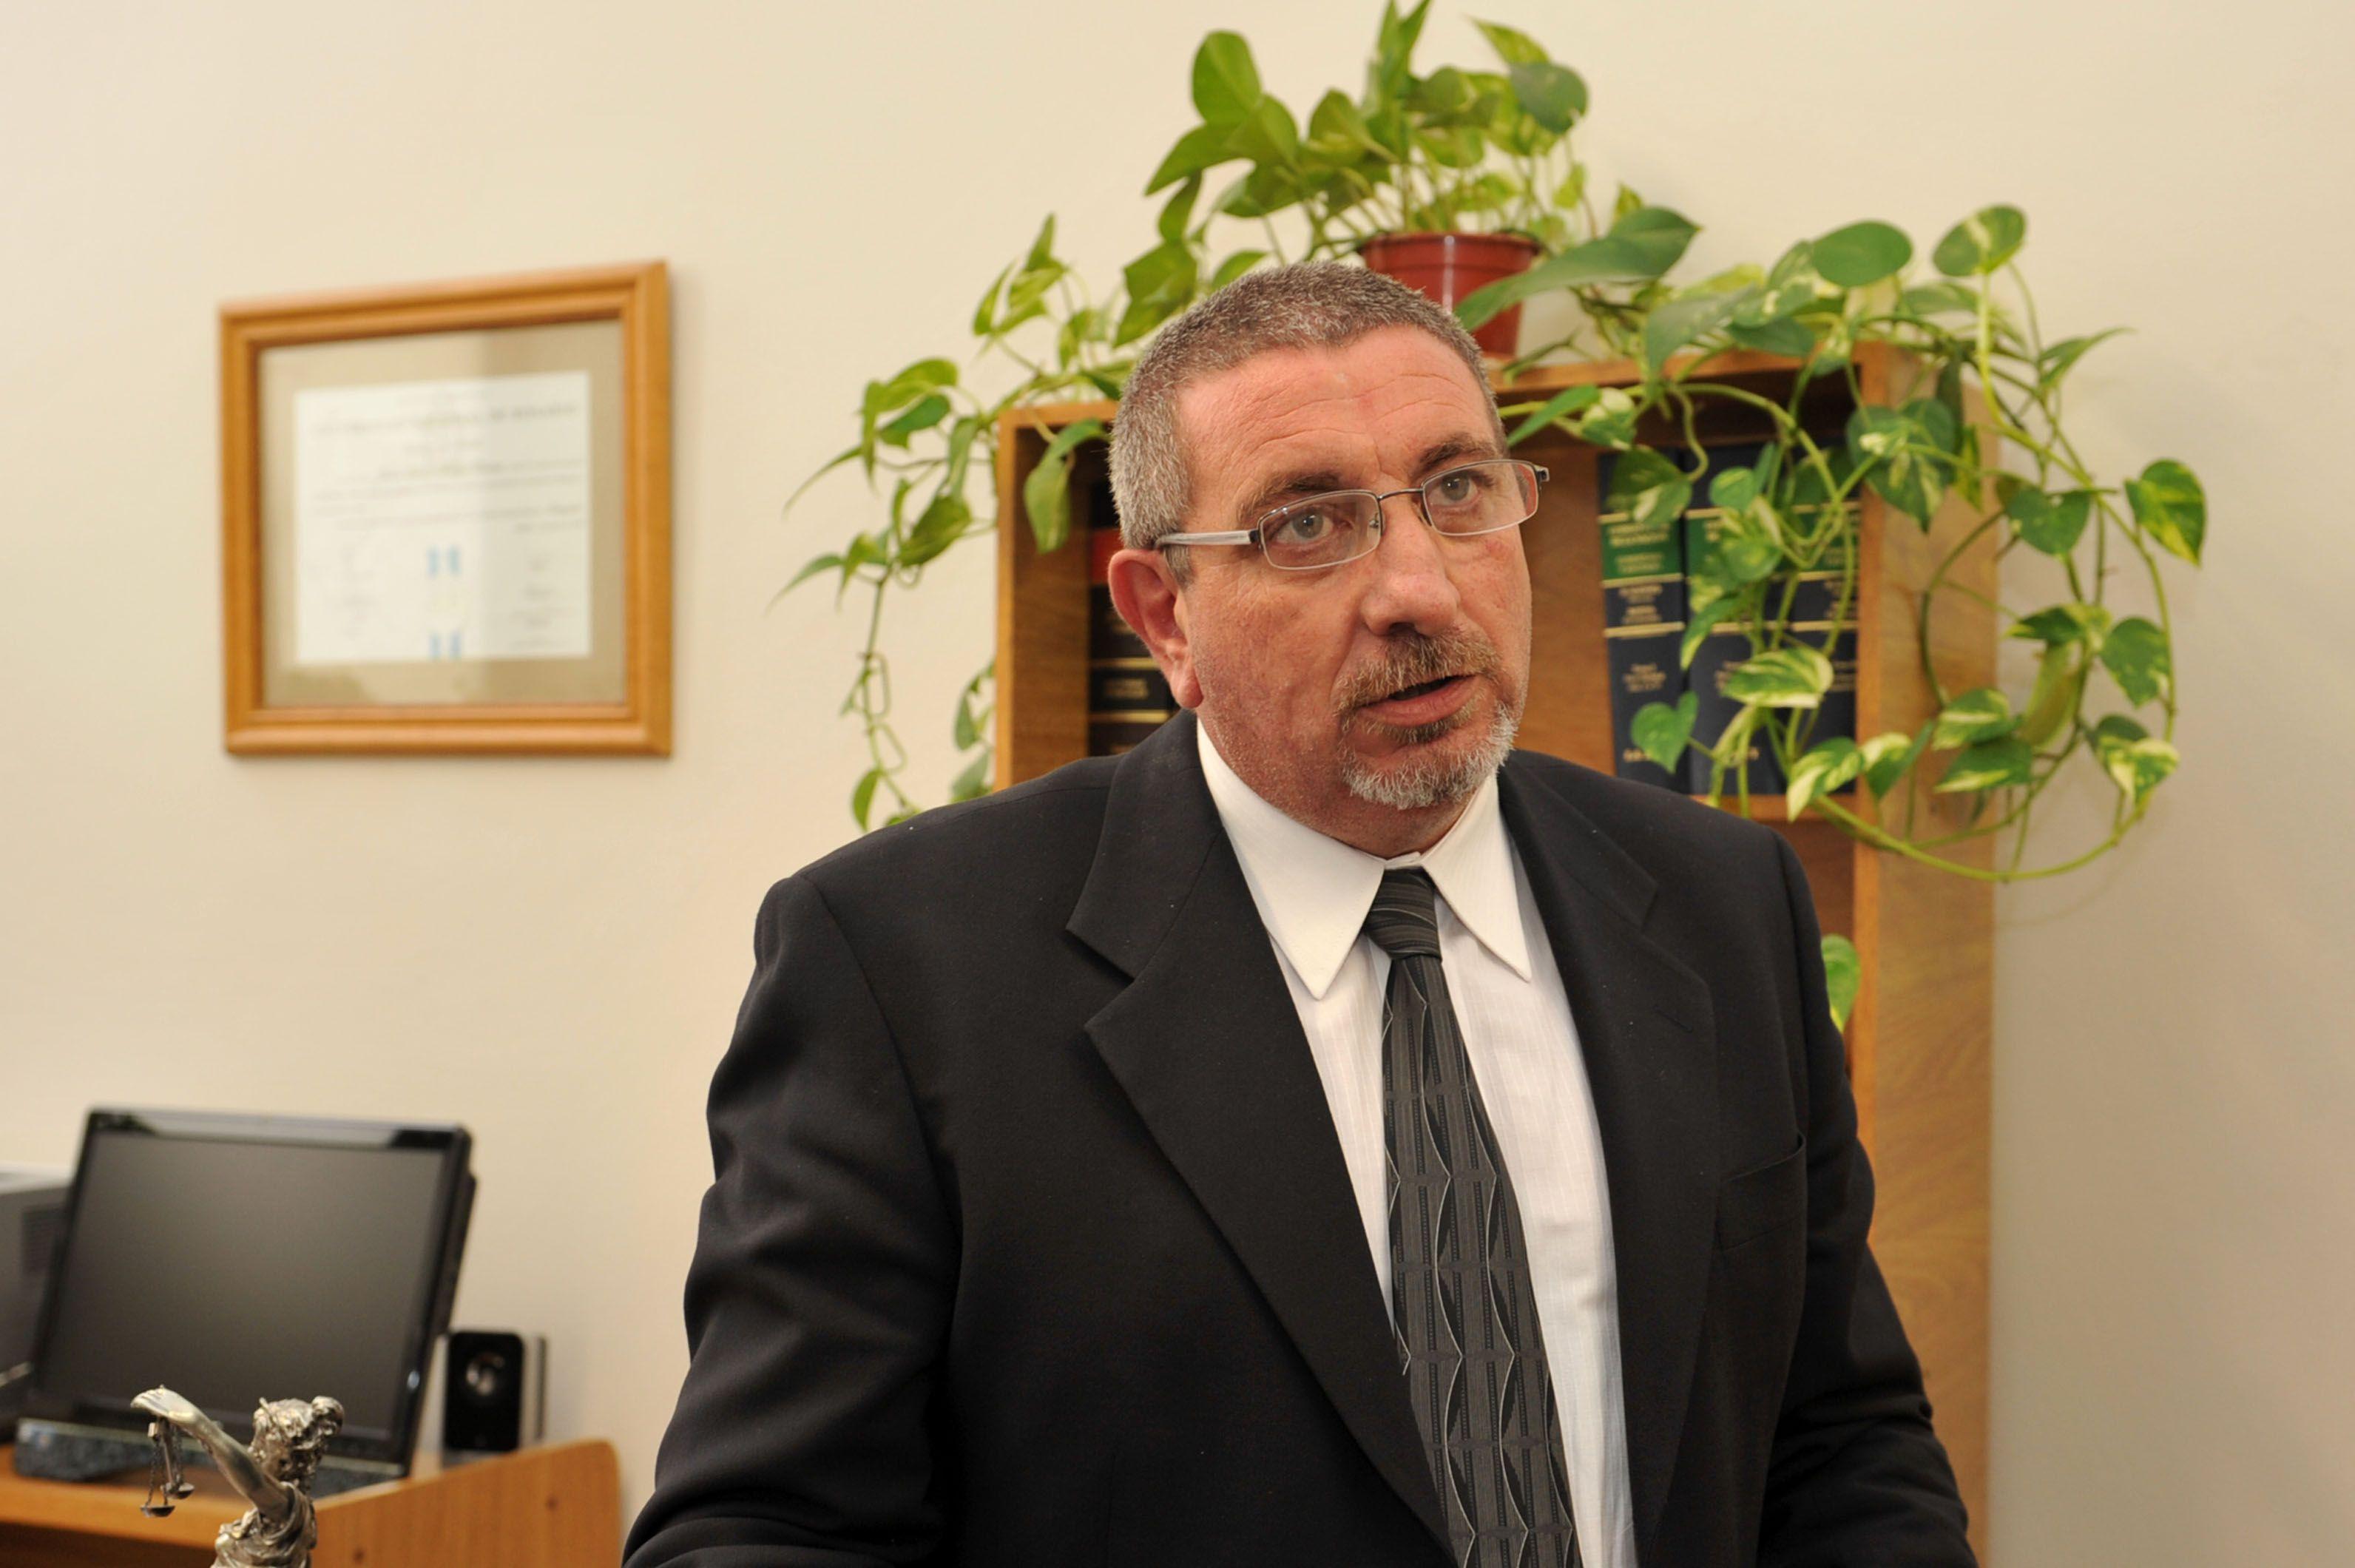 El juez Juan Carlos Vienna presidió la audiencia imputativa.